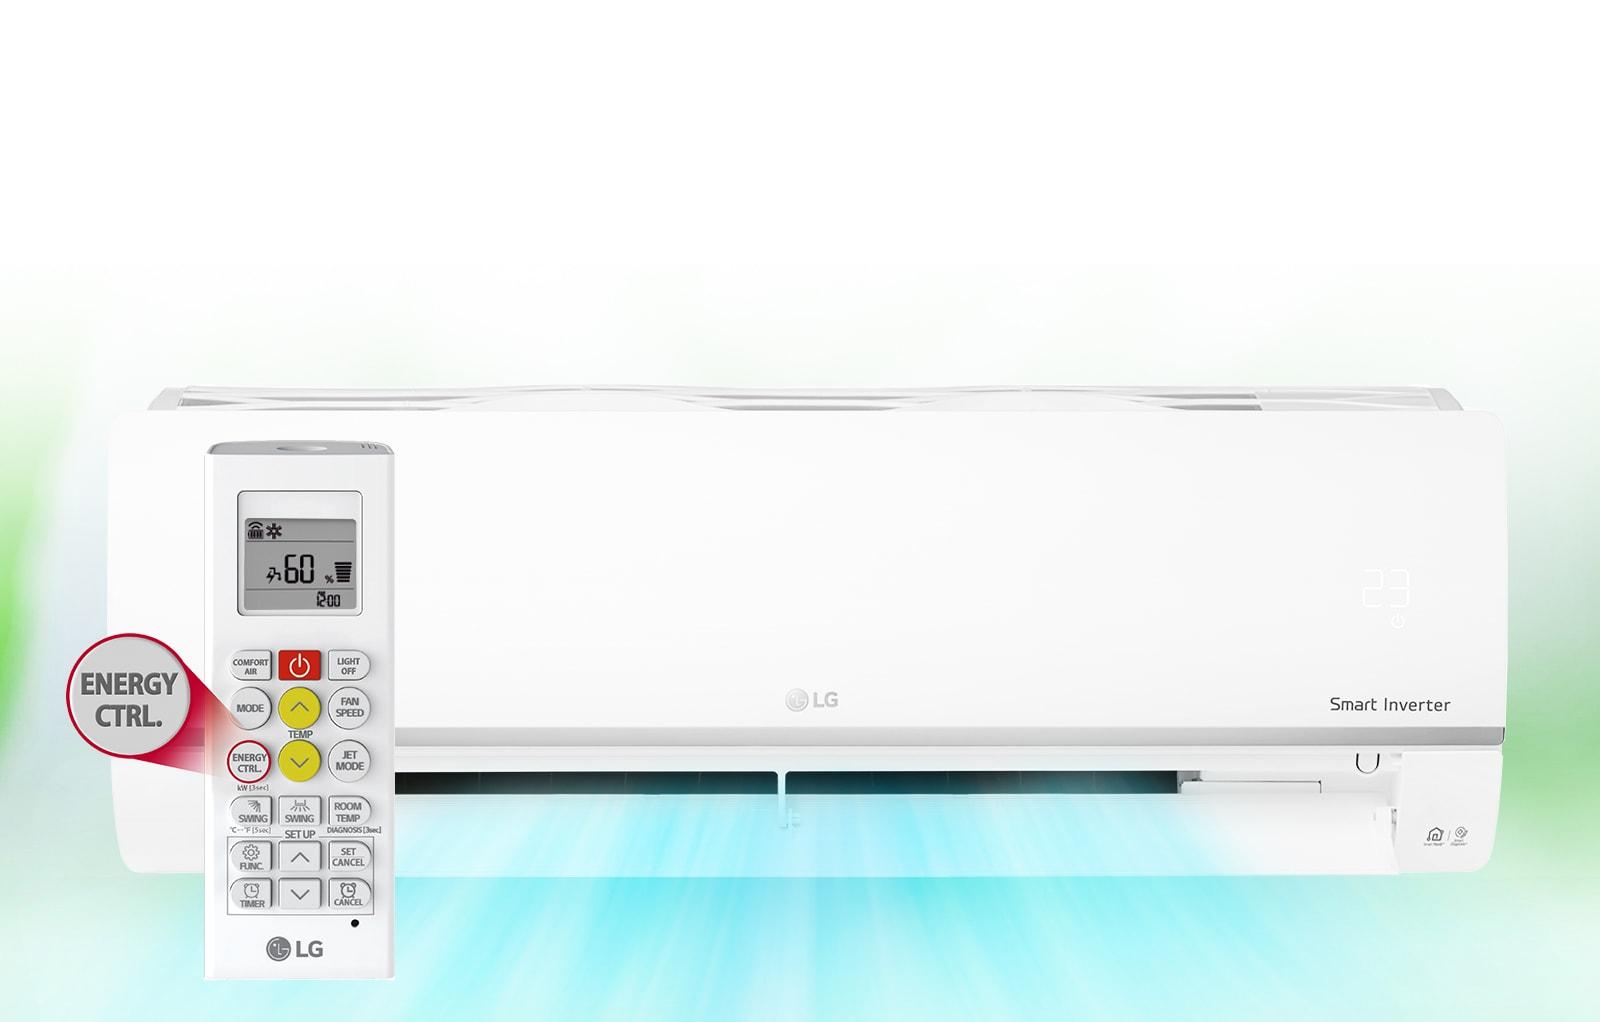 моніторинг енергоспоживання